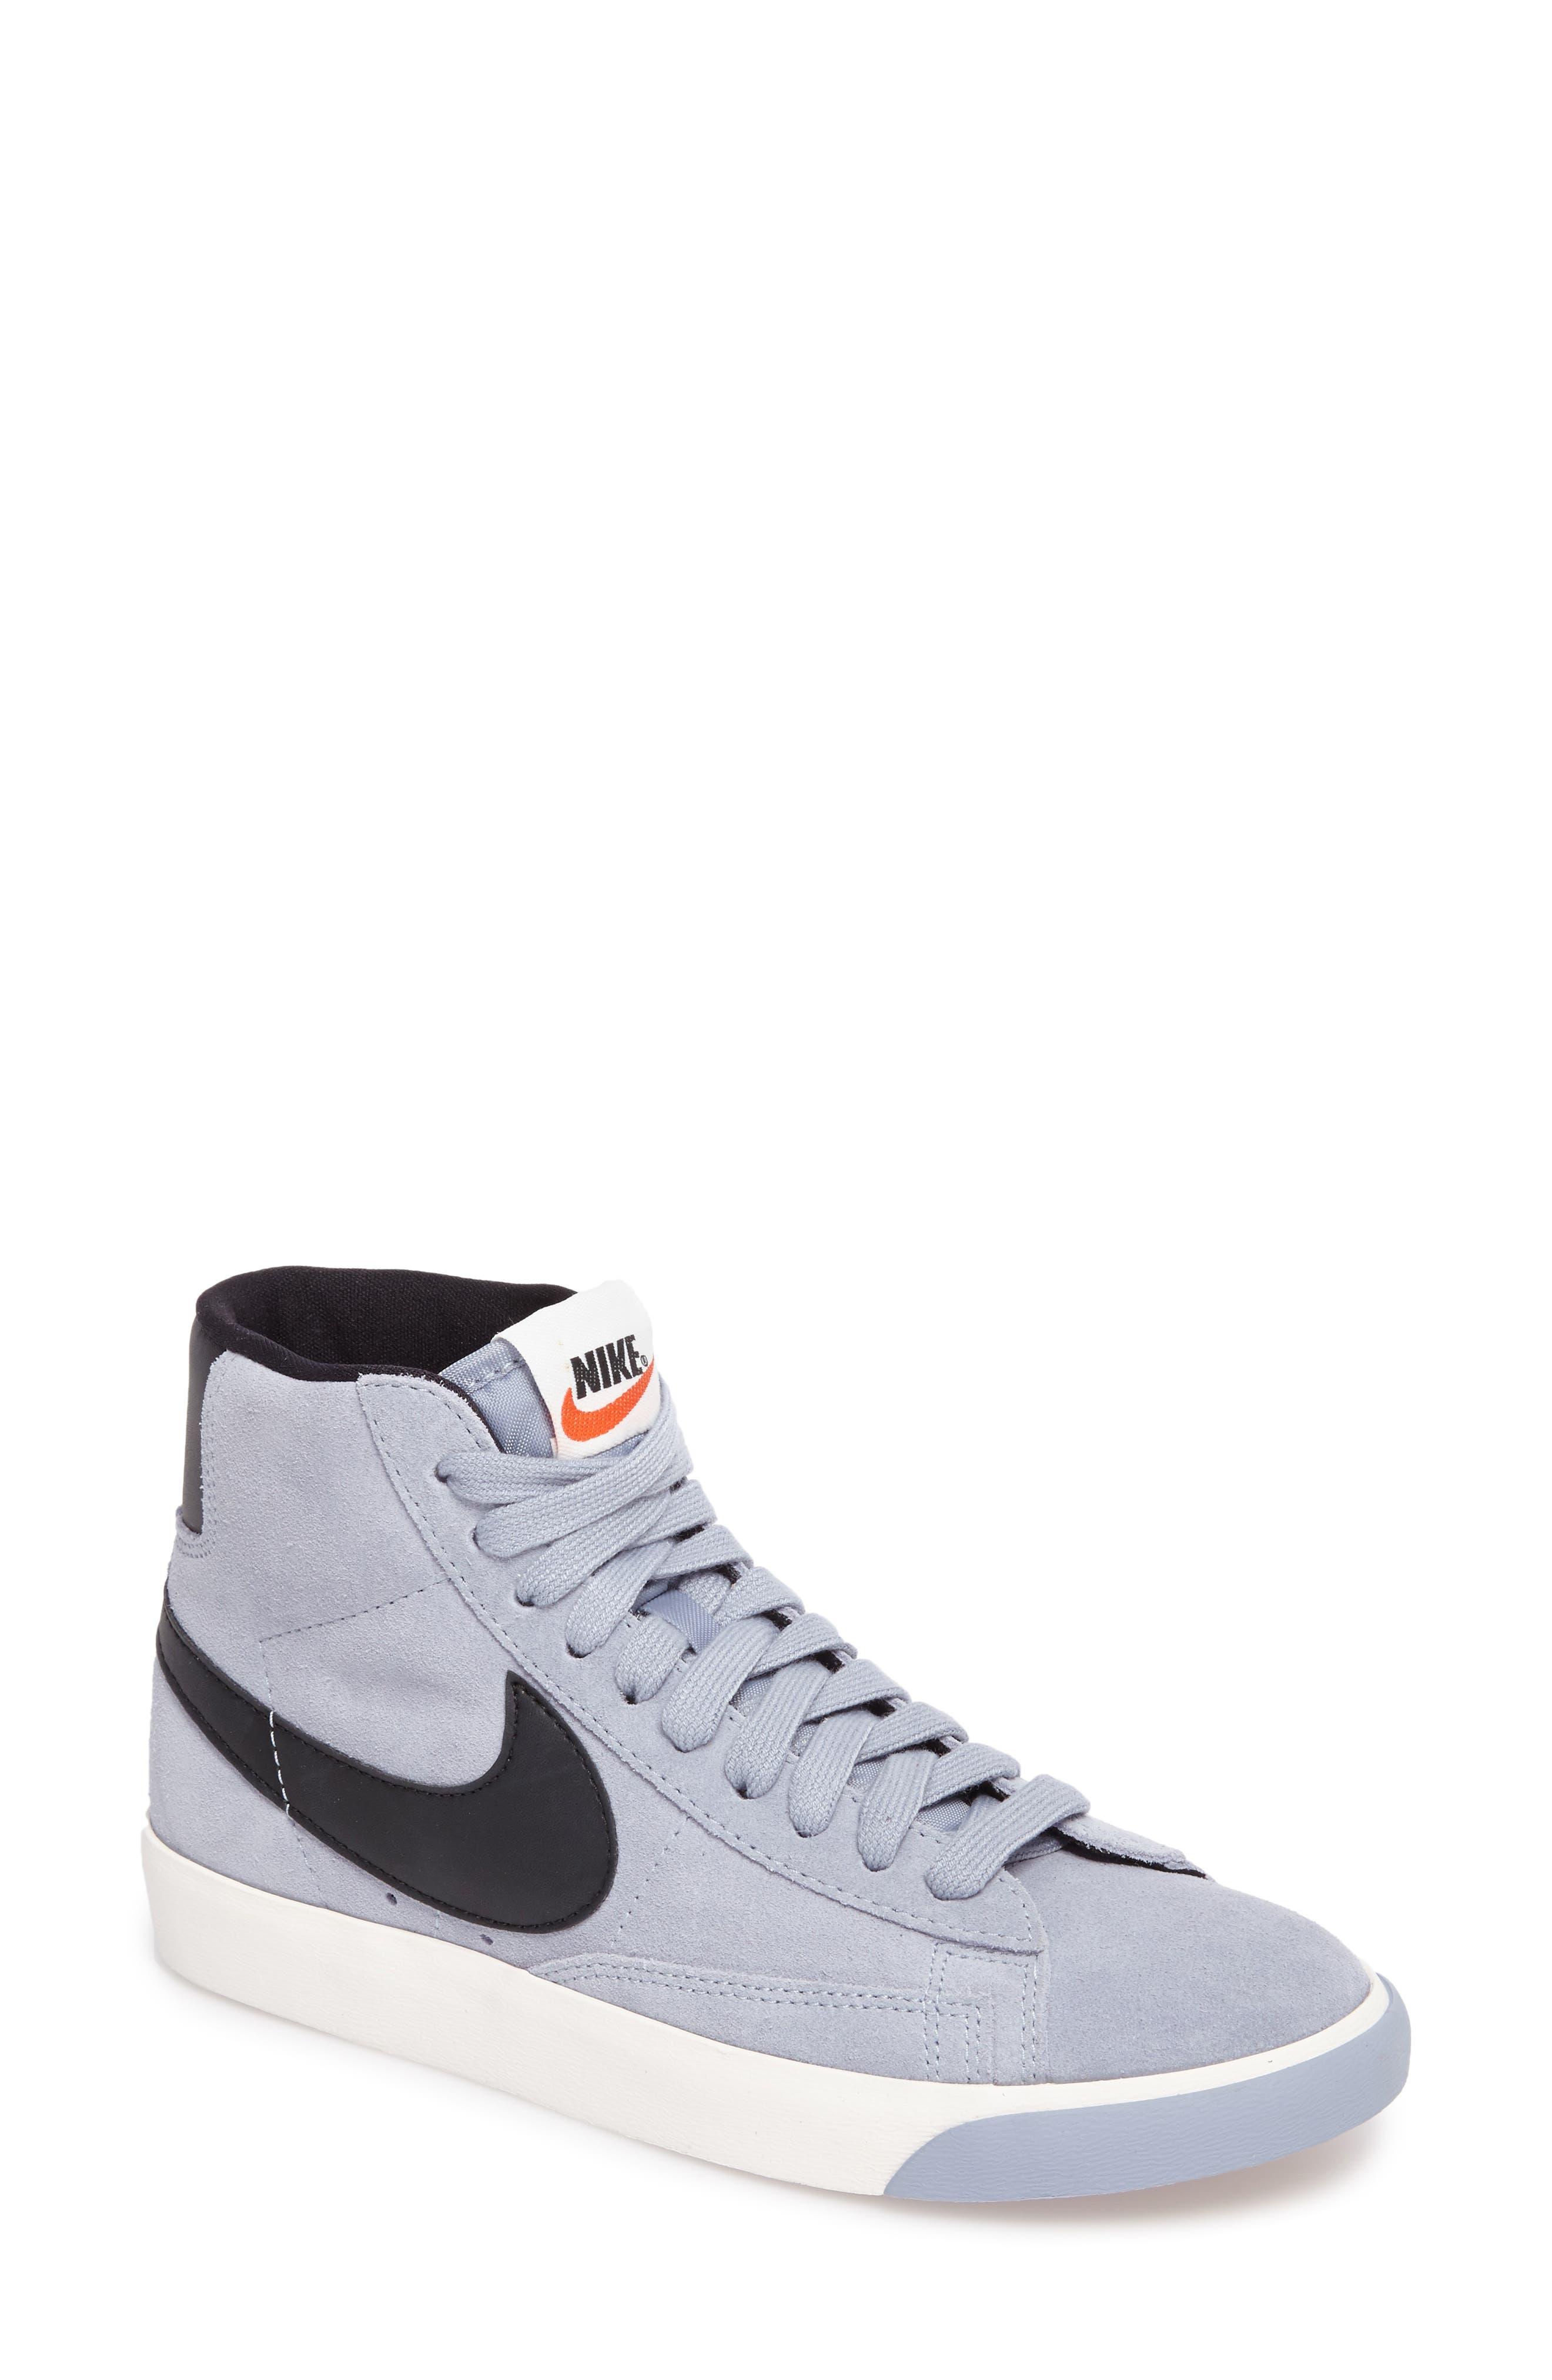 Alternate Image 1 Selected - Nike Blazer Mid Vintage Sneakers (Women)